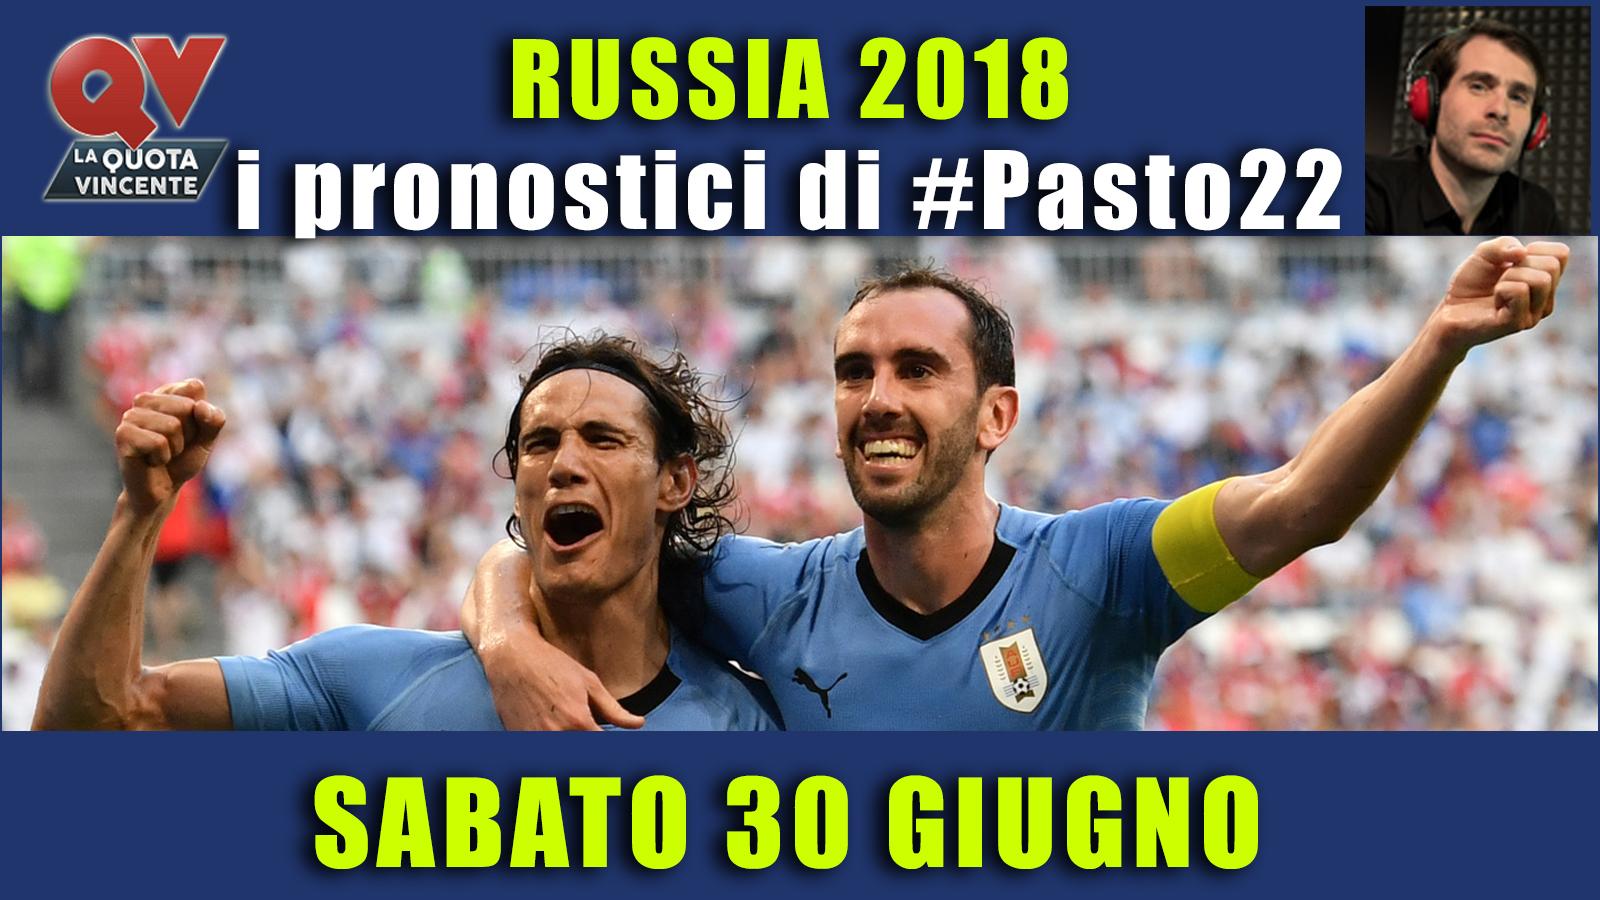 Pronostici Mondiali 30 giugno: le dritte di #Pasto22 a Russia 2018